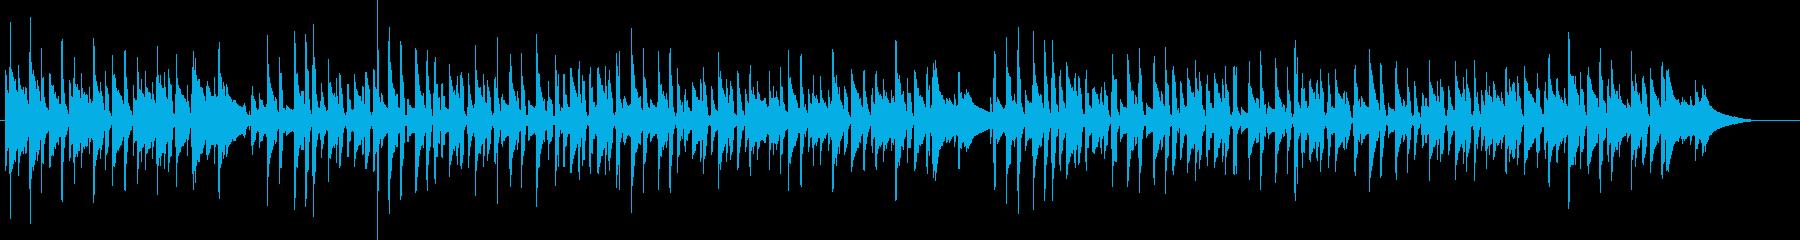 秋Jazzボサノバギター ニヒルでクールの再生済みの波形